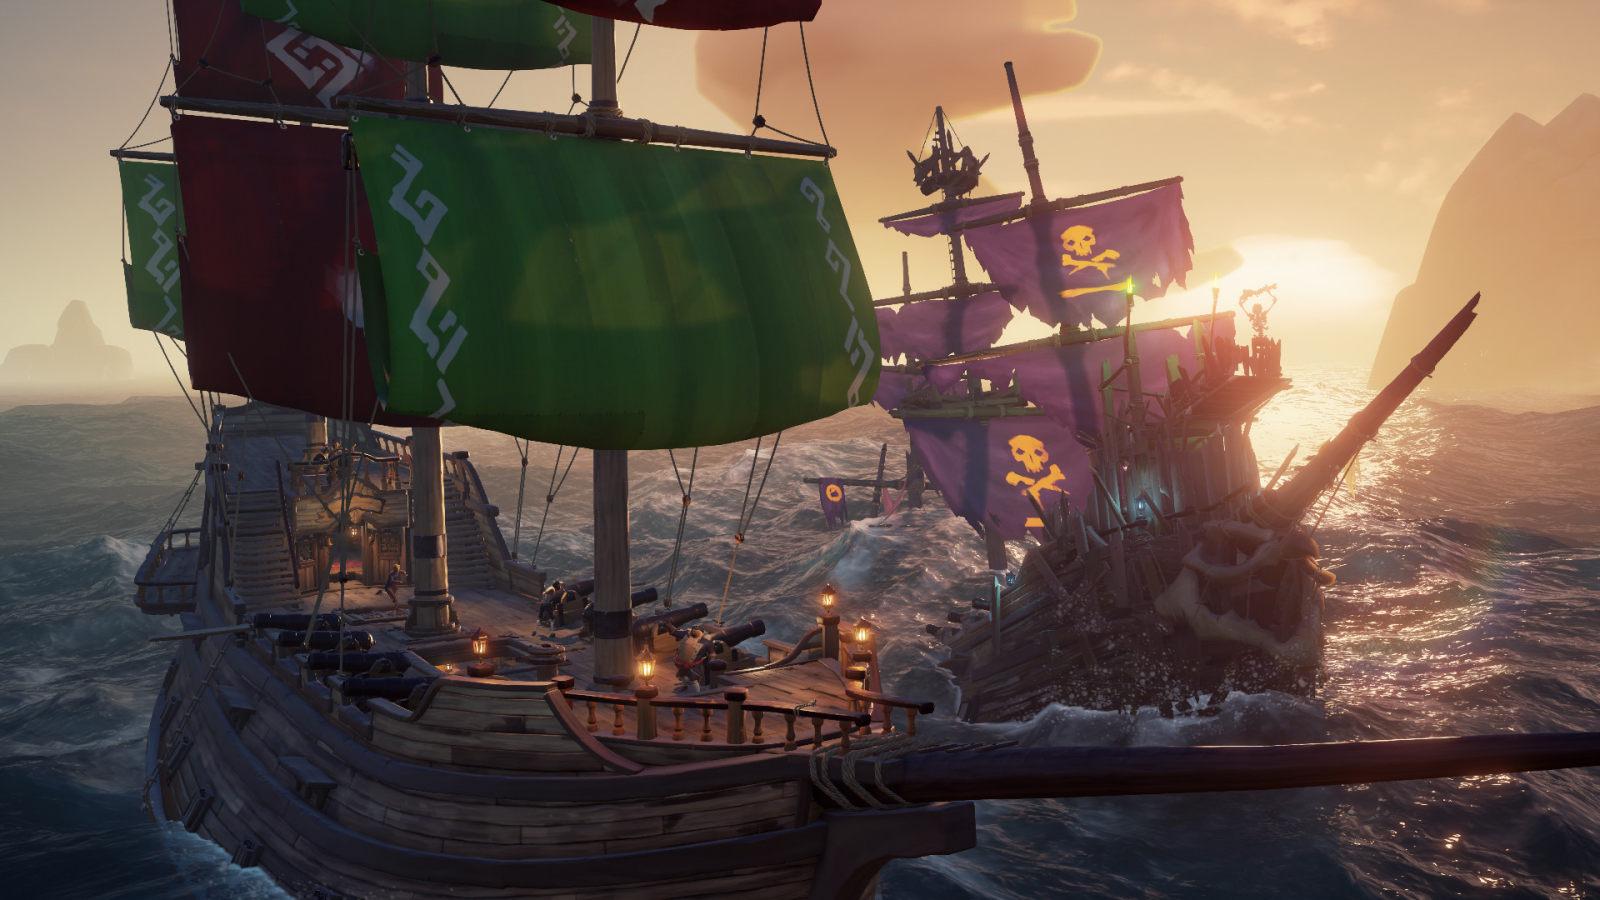 《盗贼之海》即将登录Steam,支持简体中文